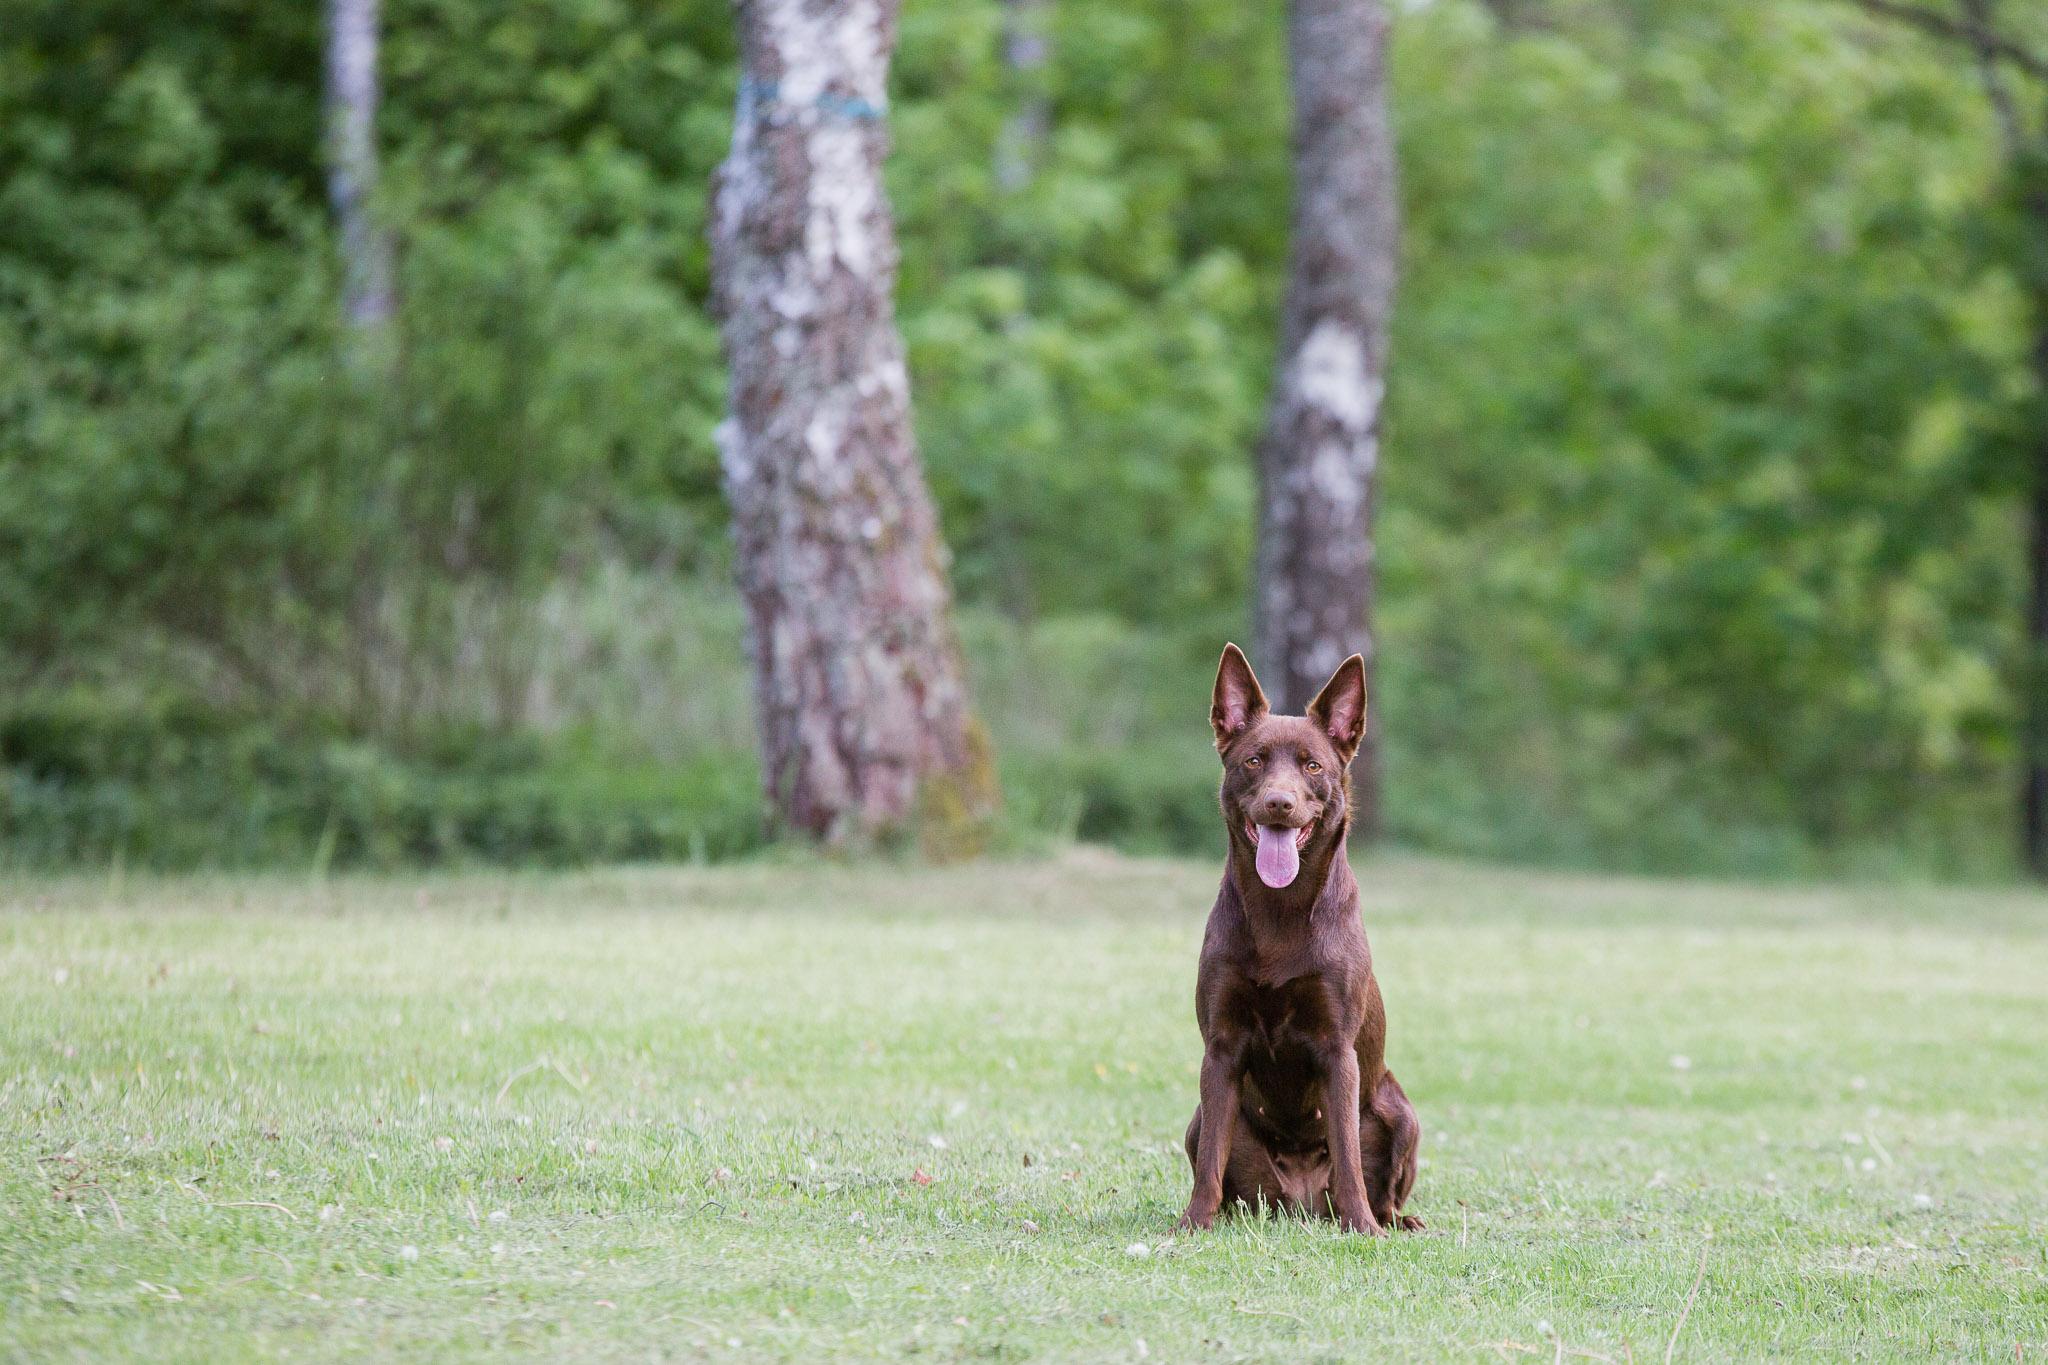 Annatarfoto hundfotografering djurfotografering kelpie Karlsnäs Ronneby